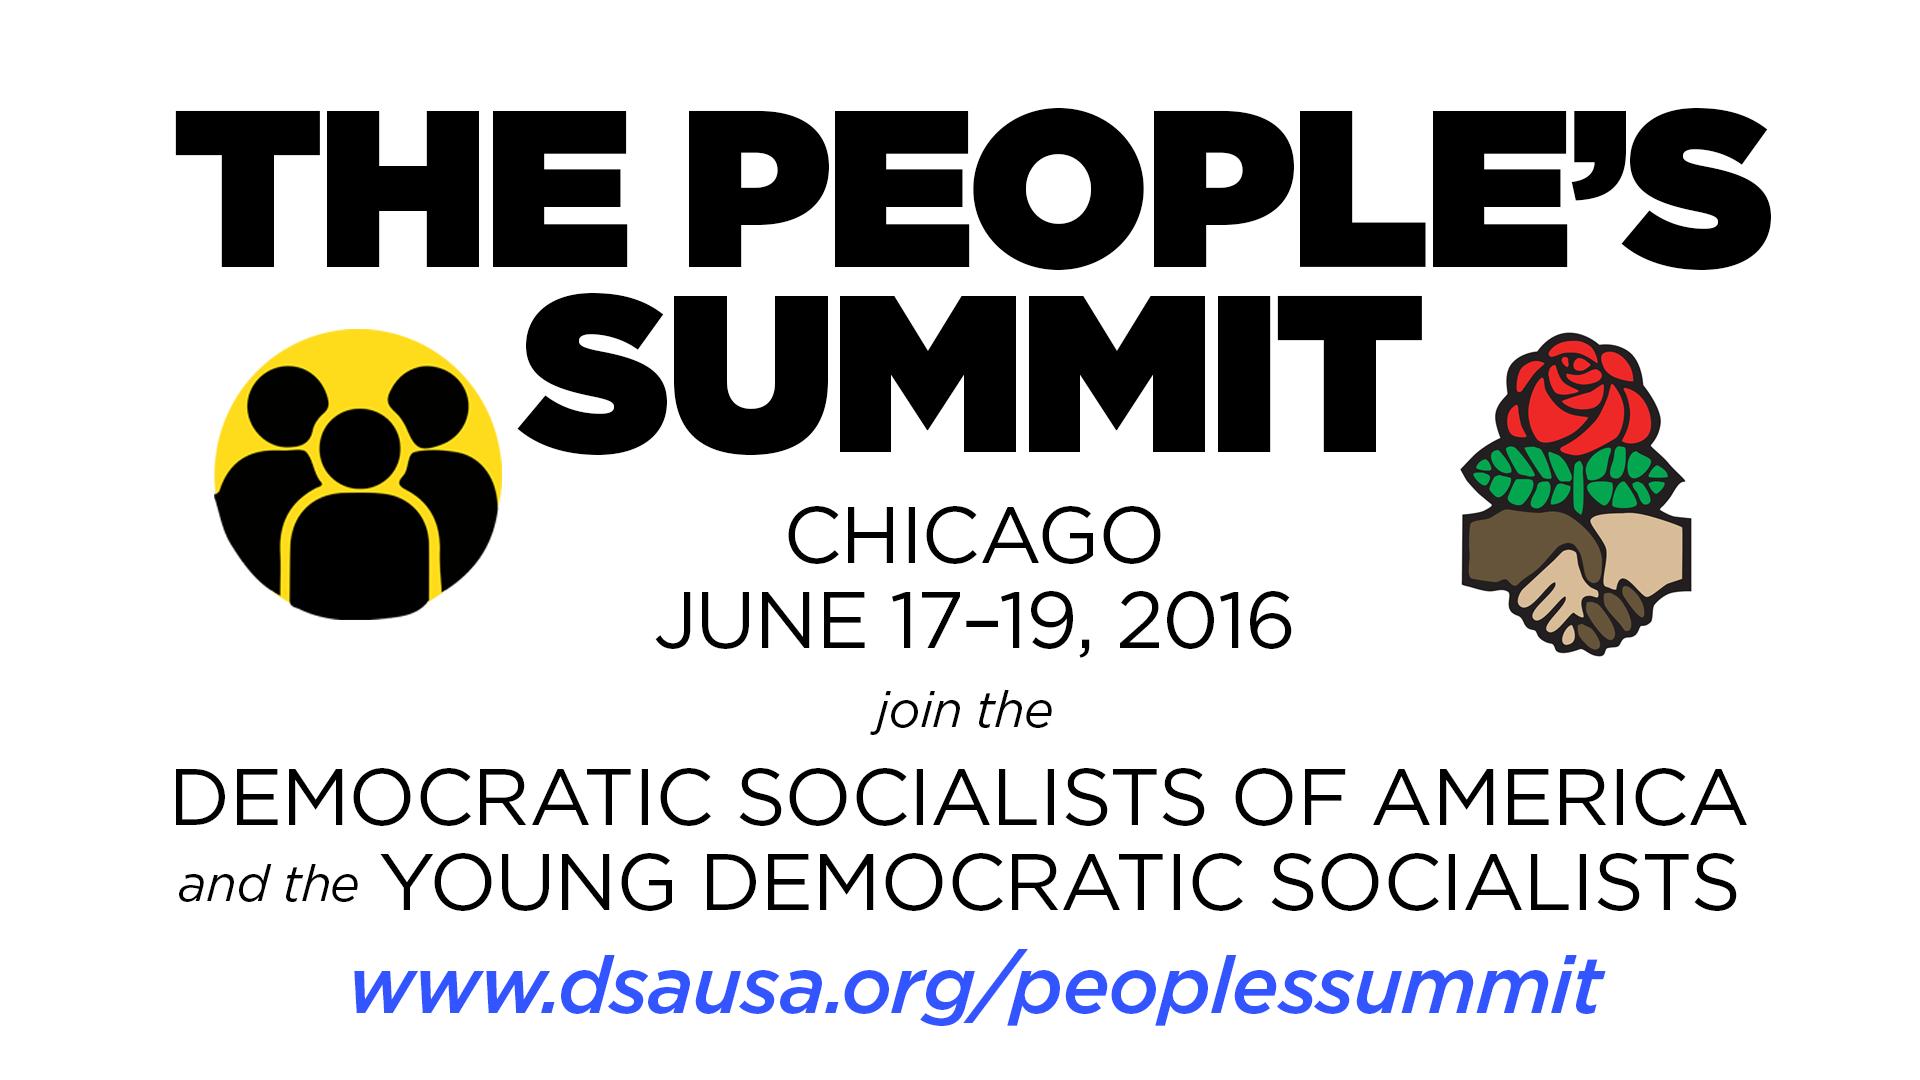 News & Media - Young Democratic Socialists